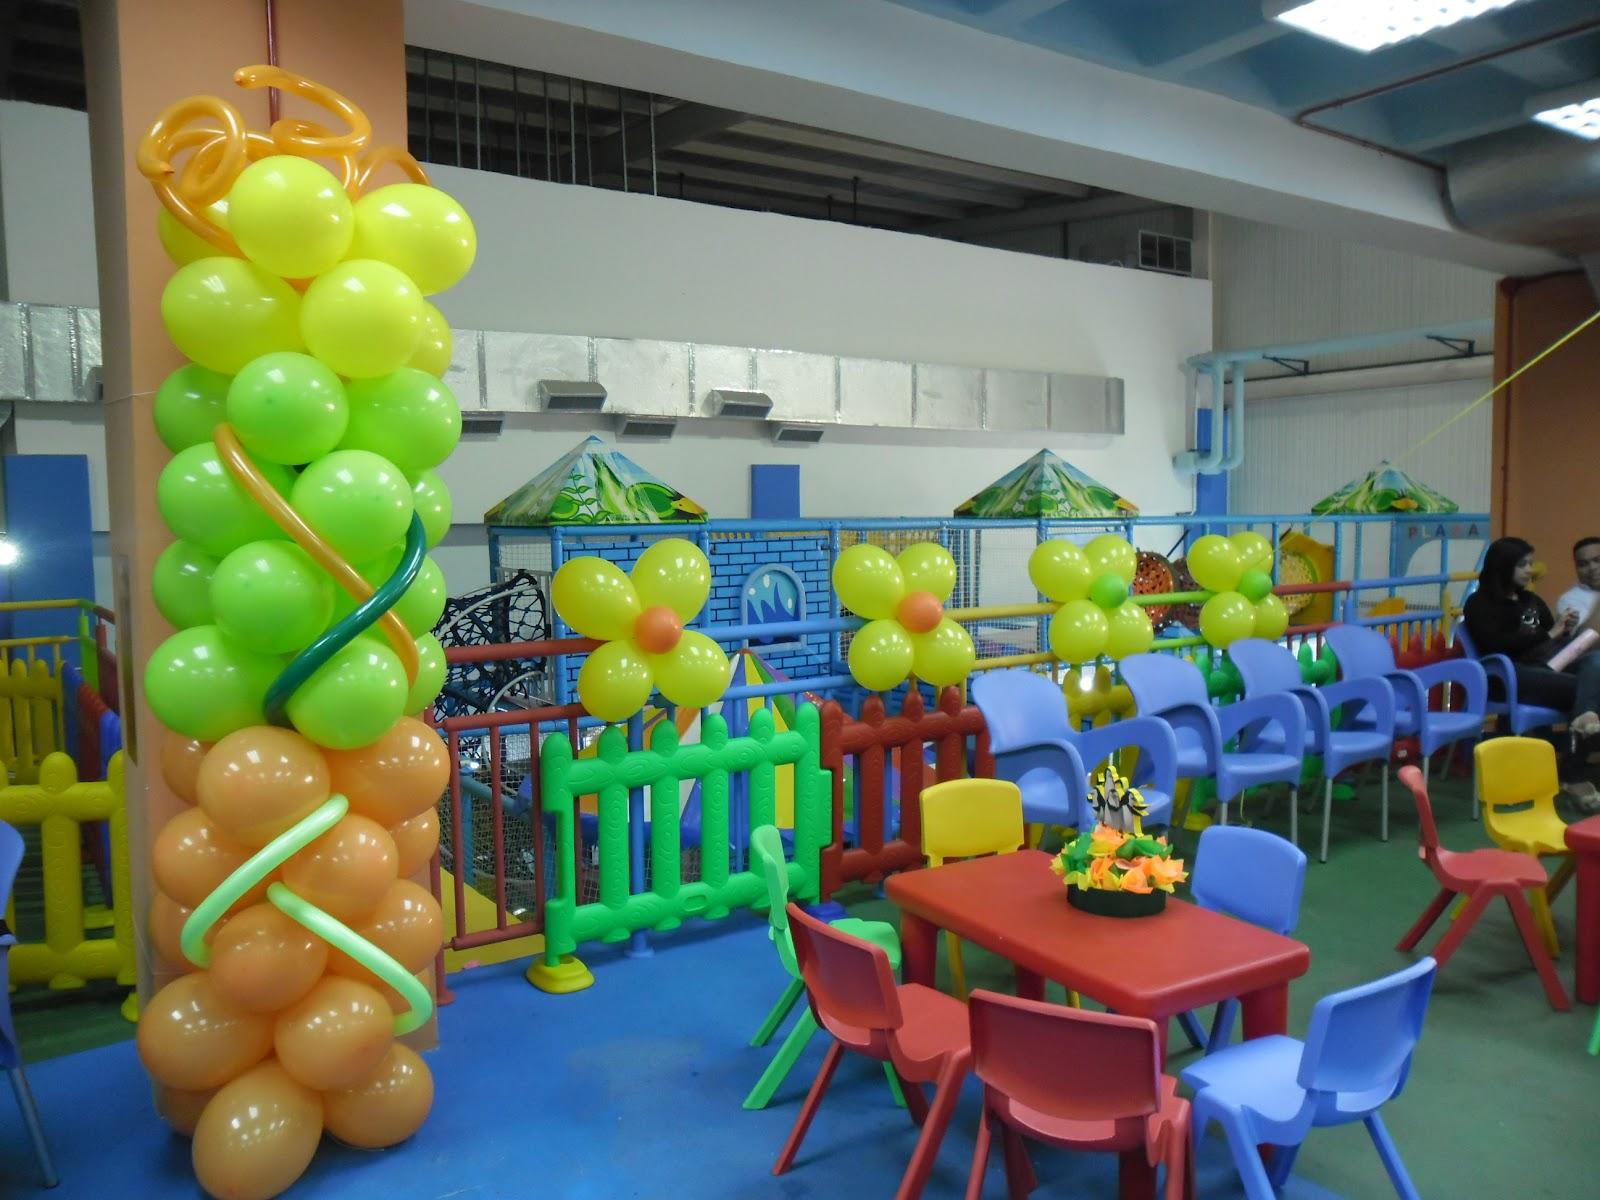 Payasita caramelo decoracion con globos - Decoracion con caramelo ...